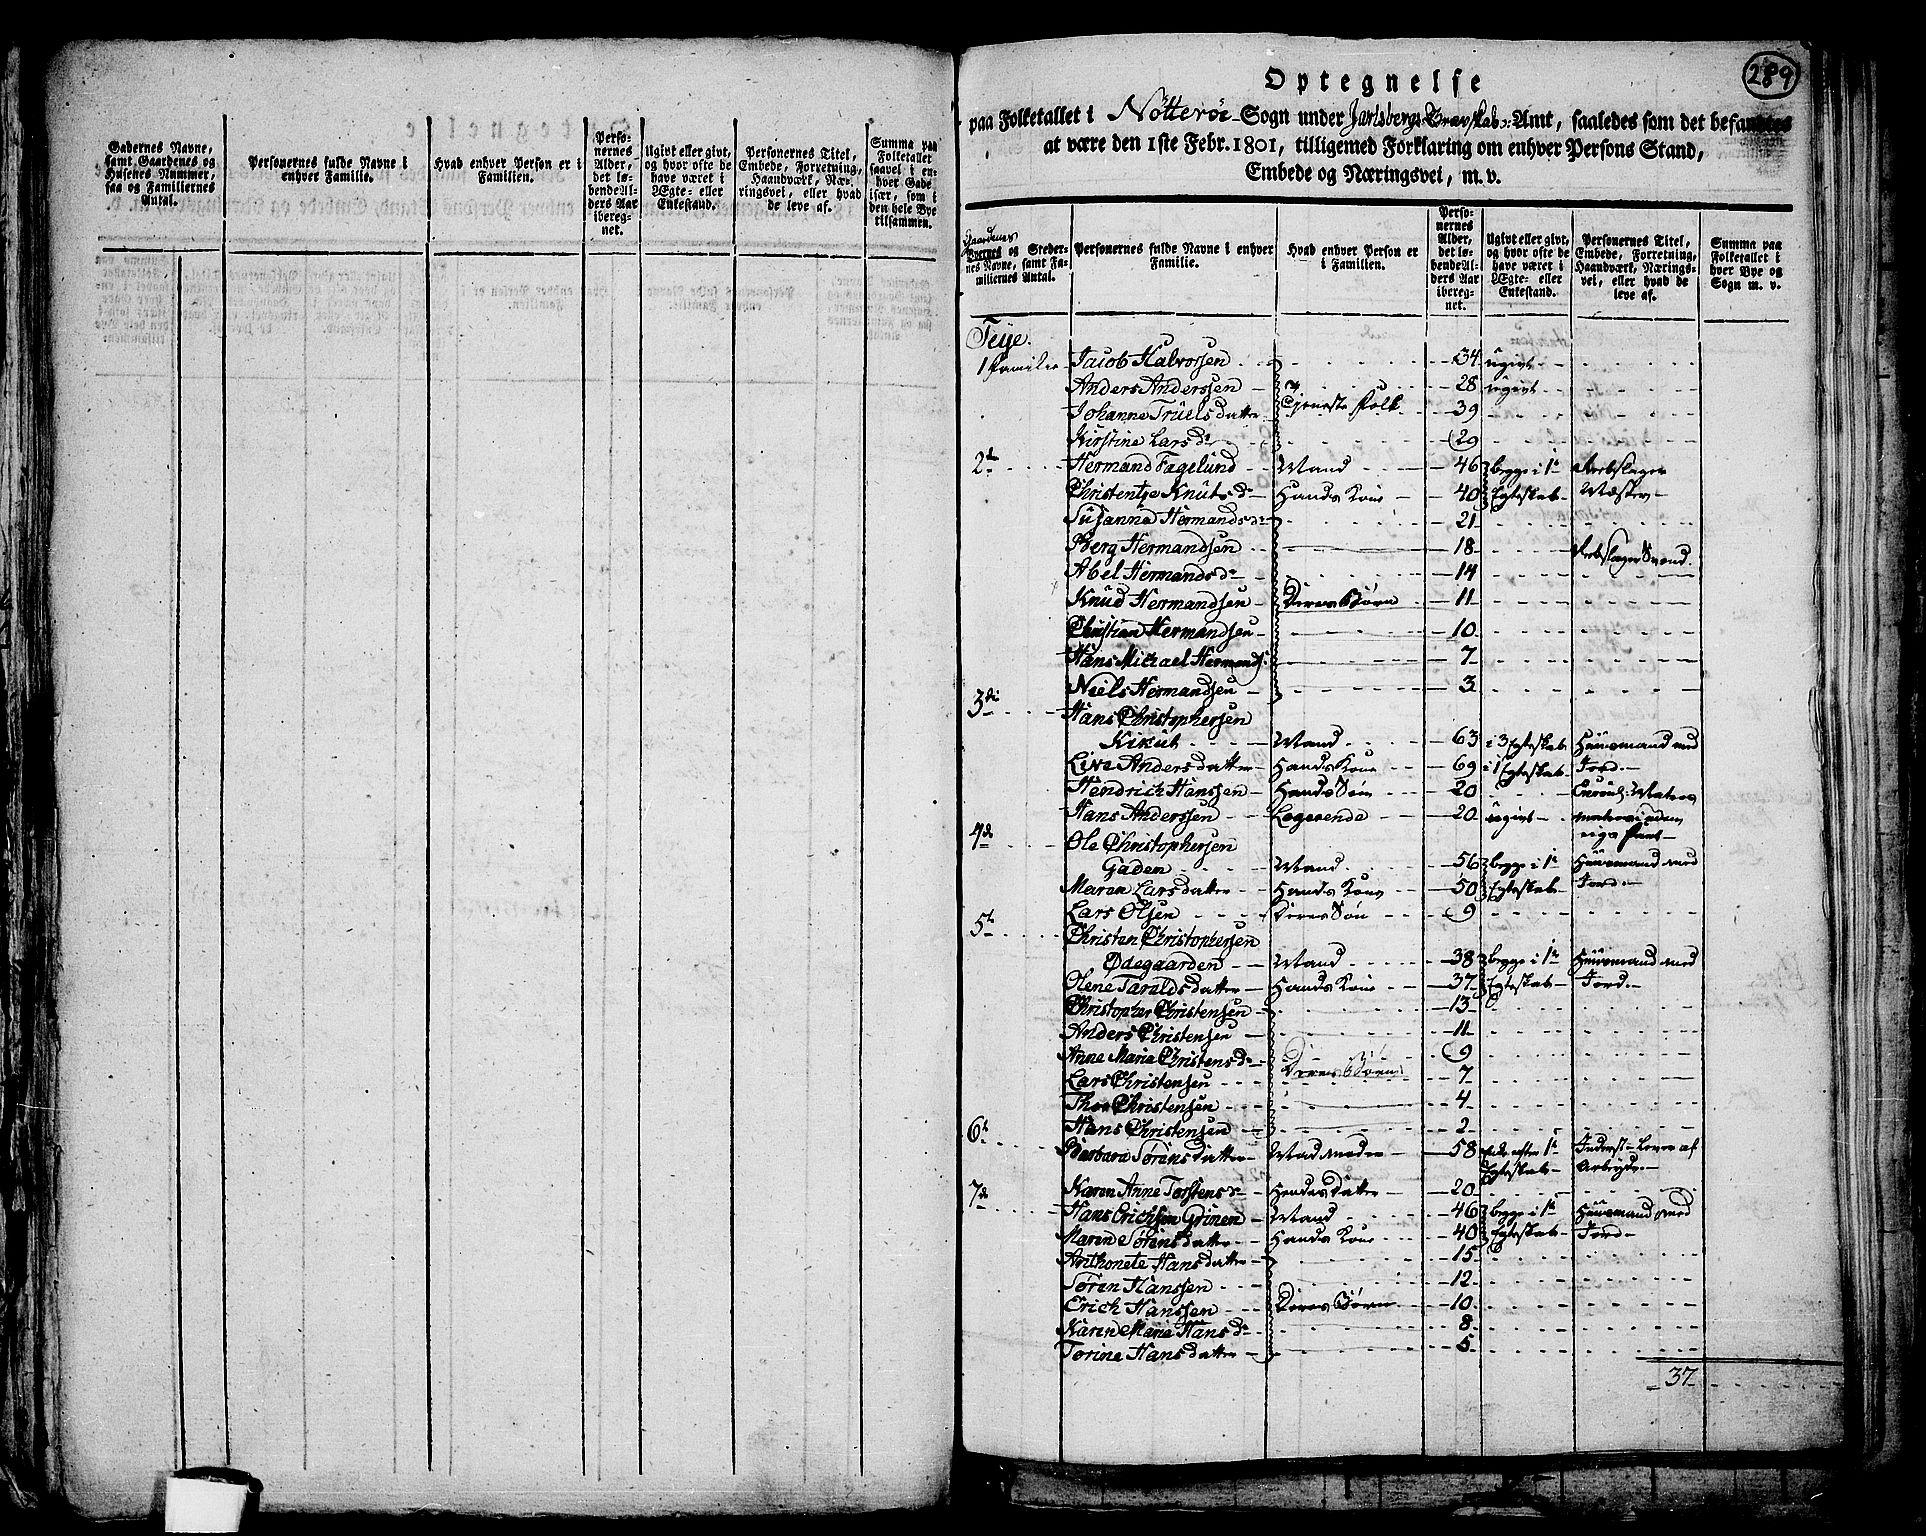 RA, Folketelling 1801 for 0722P Nøtterøy prestegjeld, 1801, s. 288b-289a